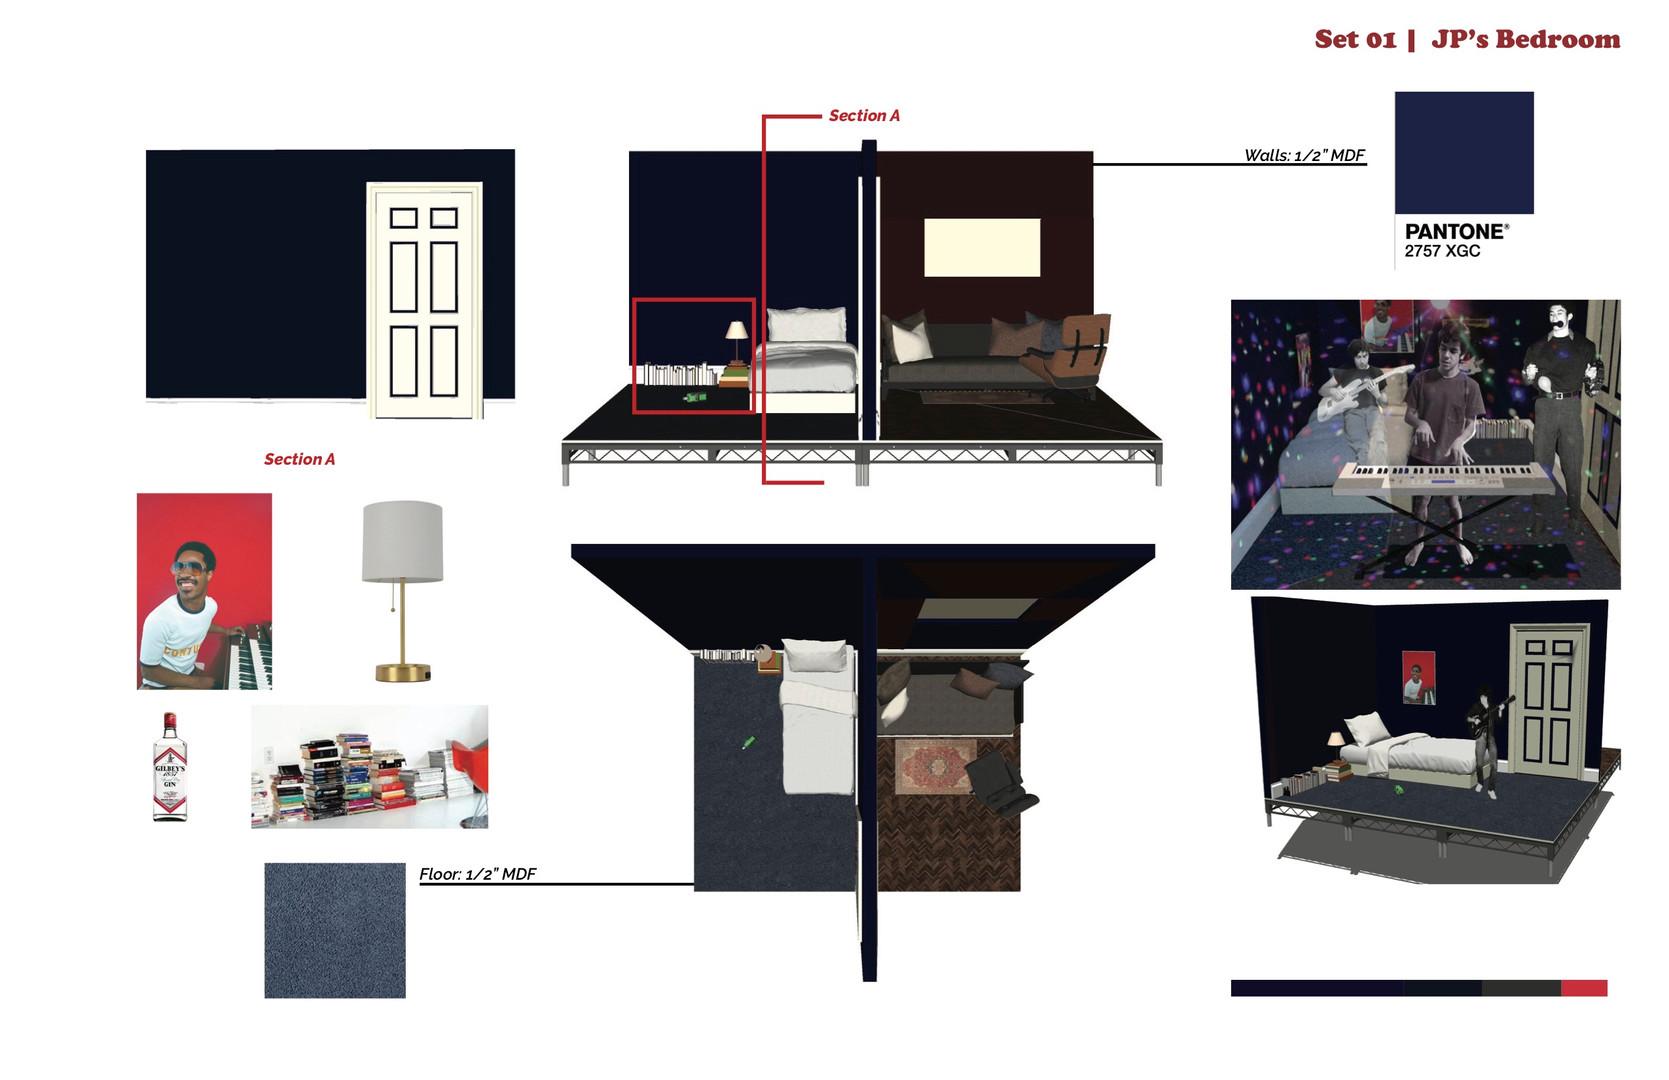 Bedroom set props